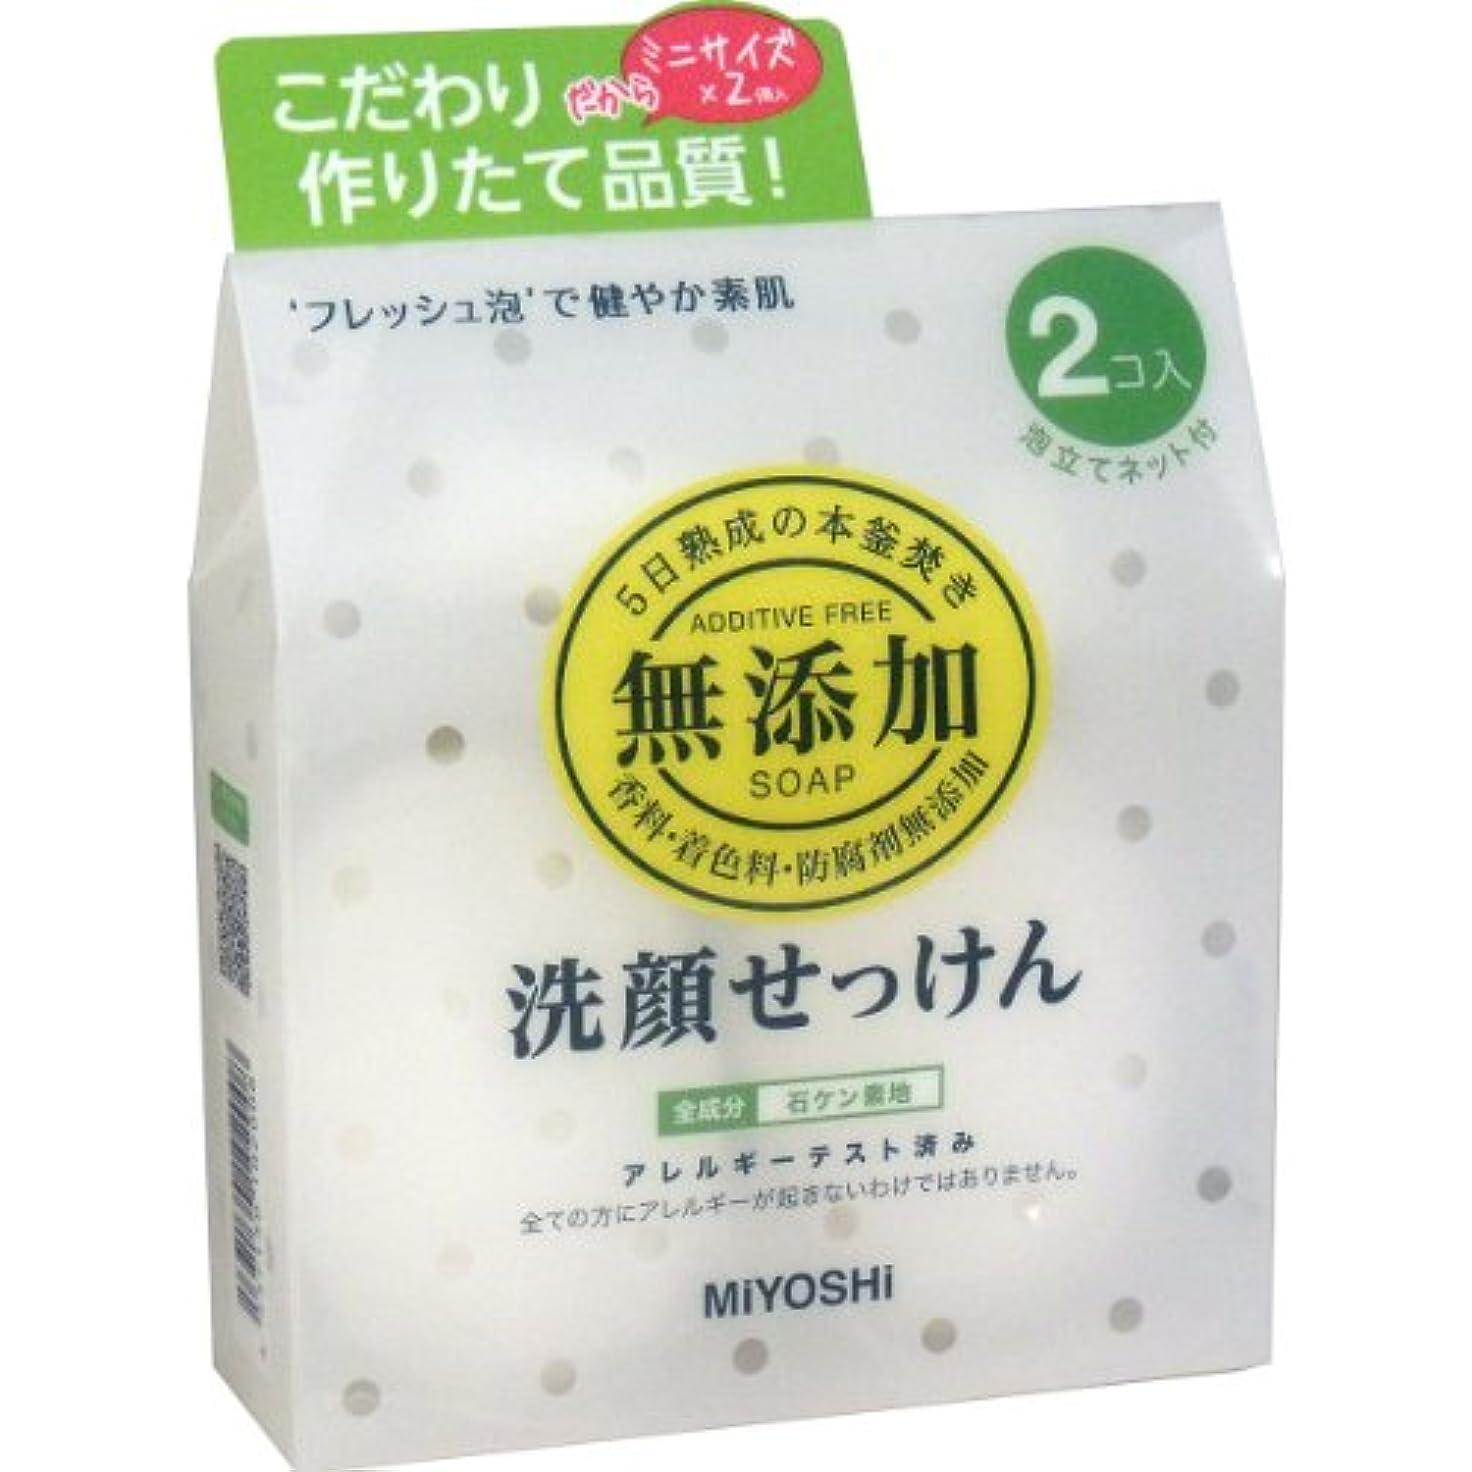 プロテスタント象パステル【まとめ買い】ミヨシ石鹸 無添加洗顔せっけん2個入 80g ×2セット